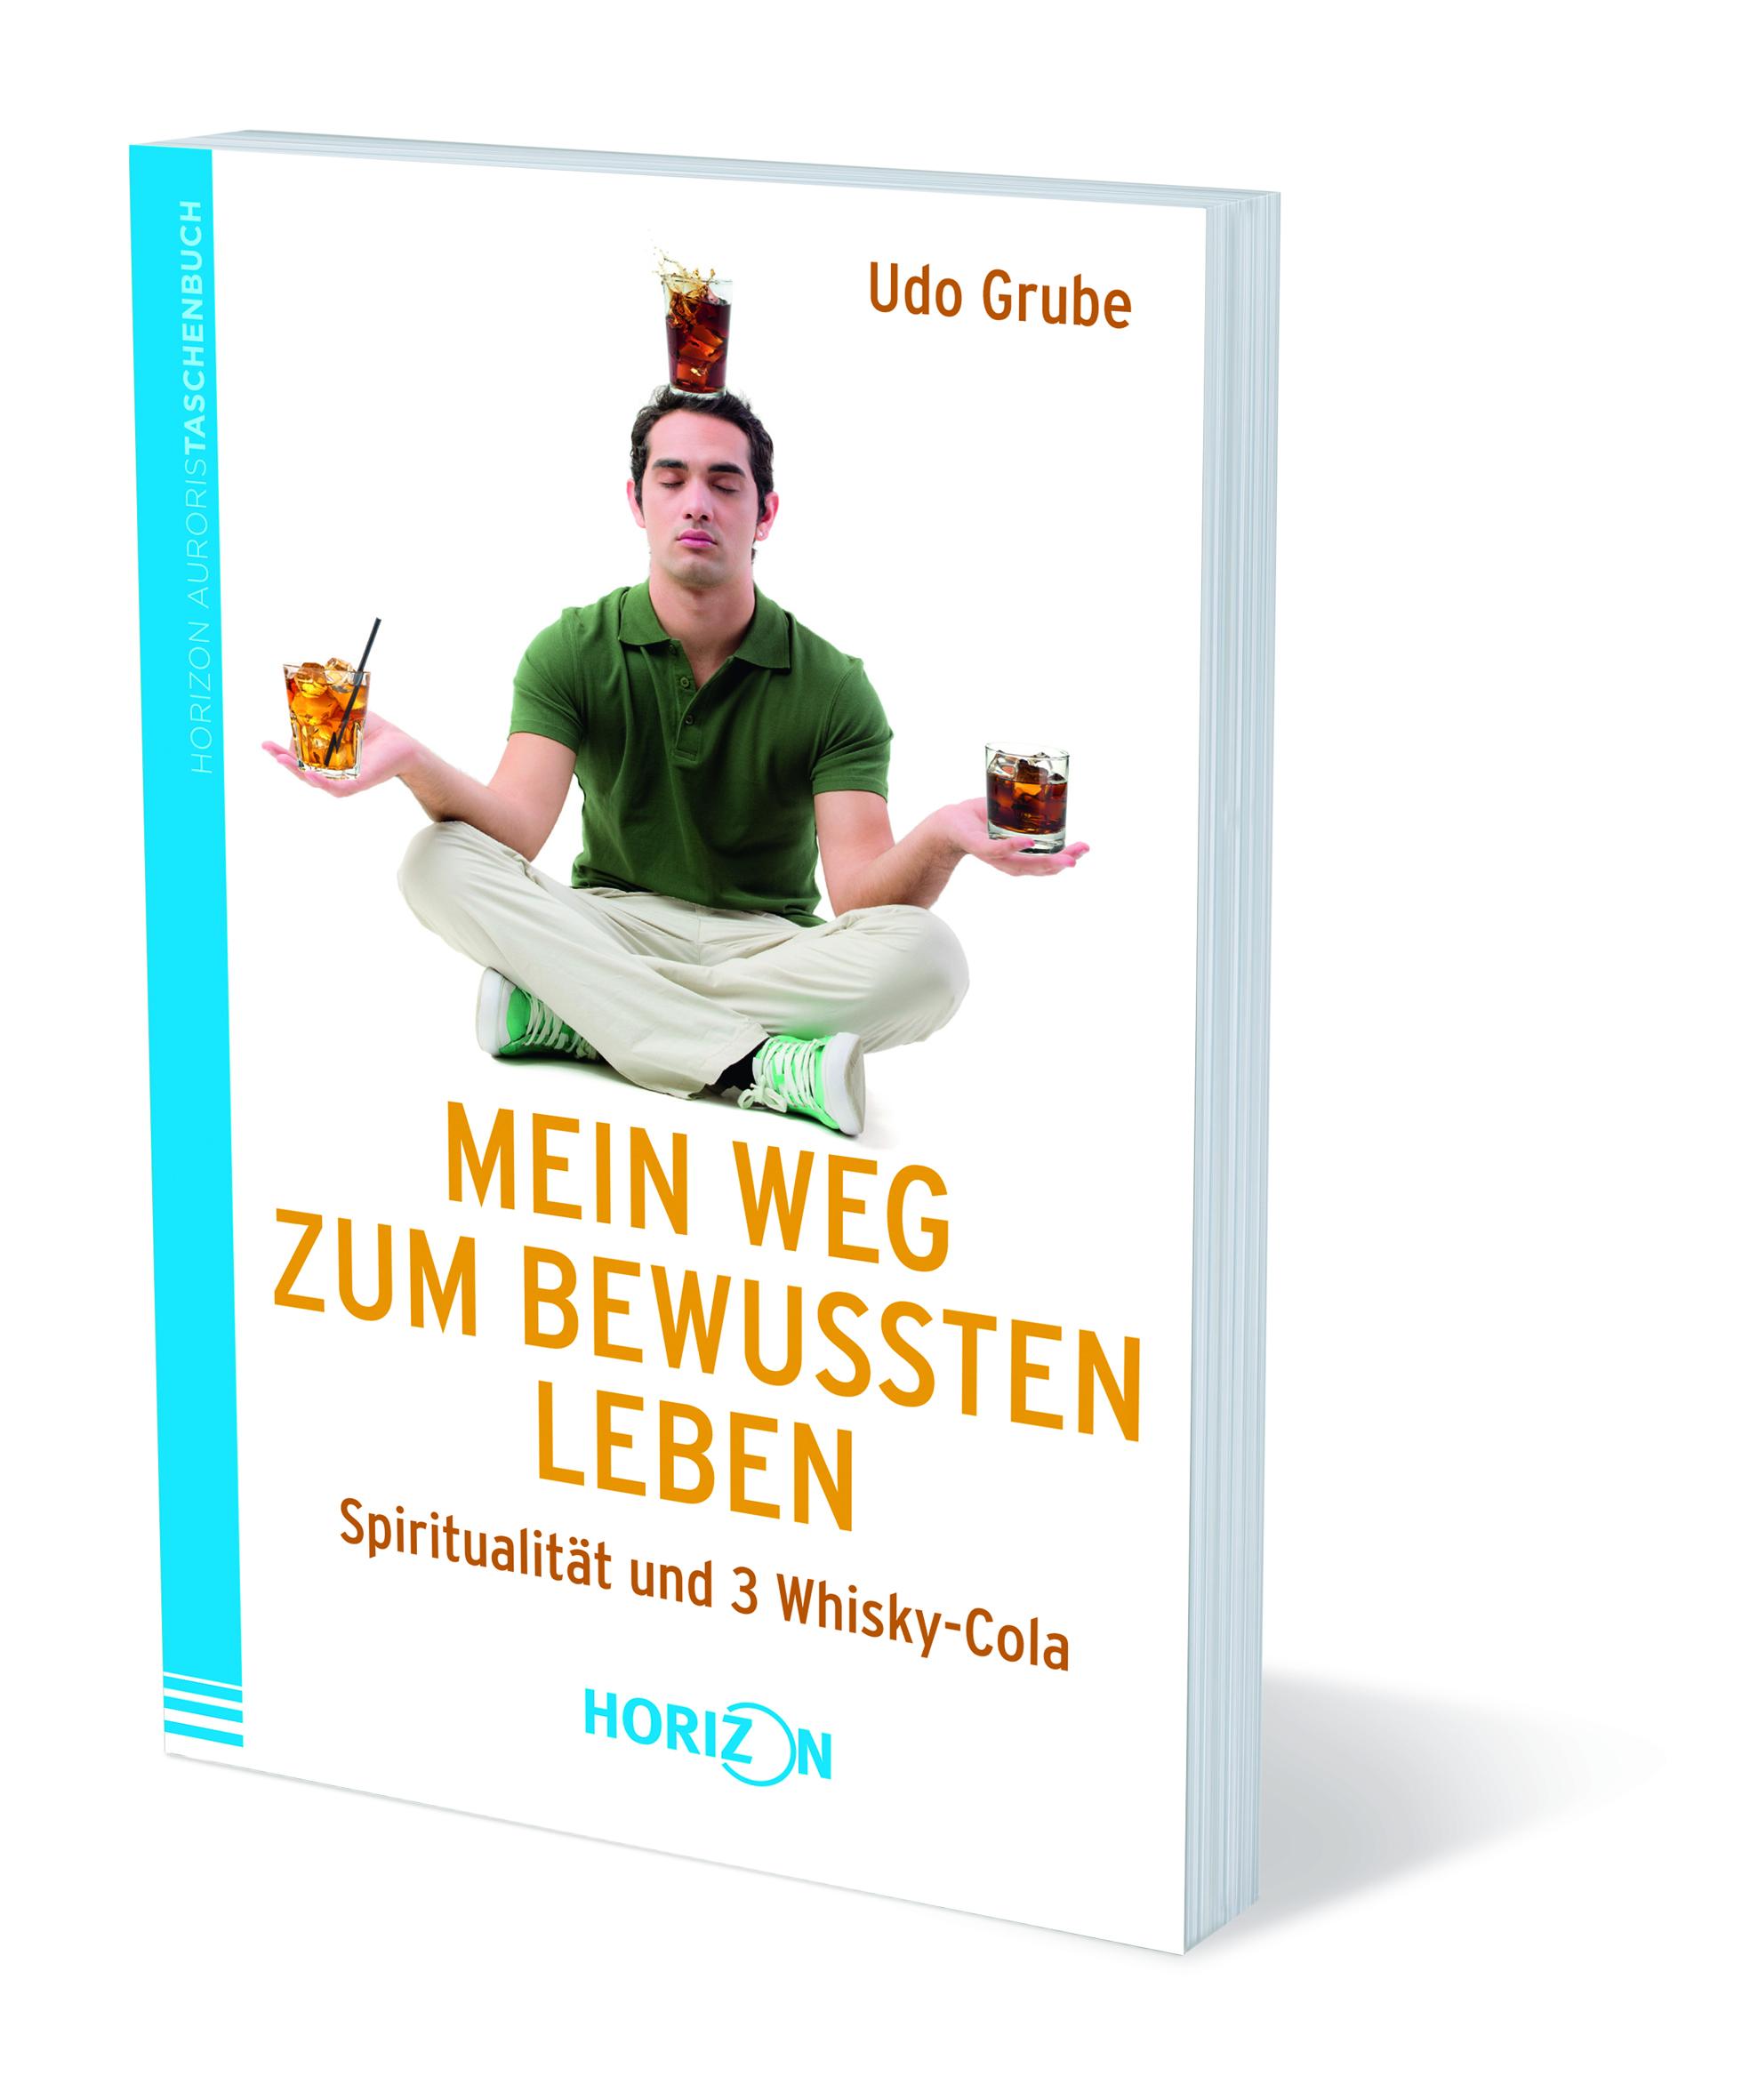 Mein Weg zum bewussten Leben Grube, Udo Horizon Film